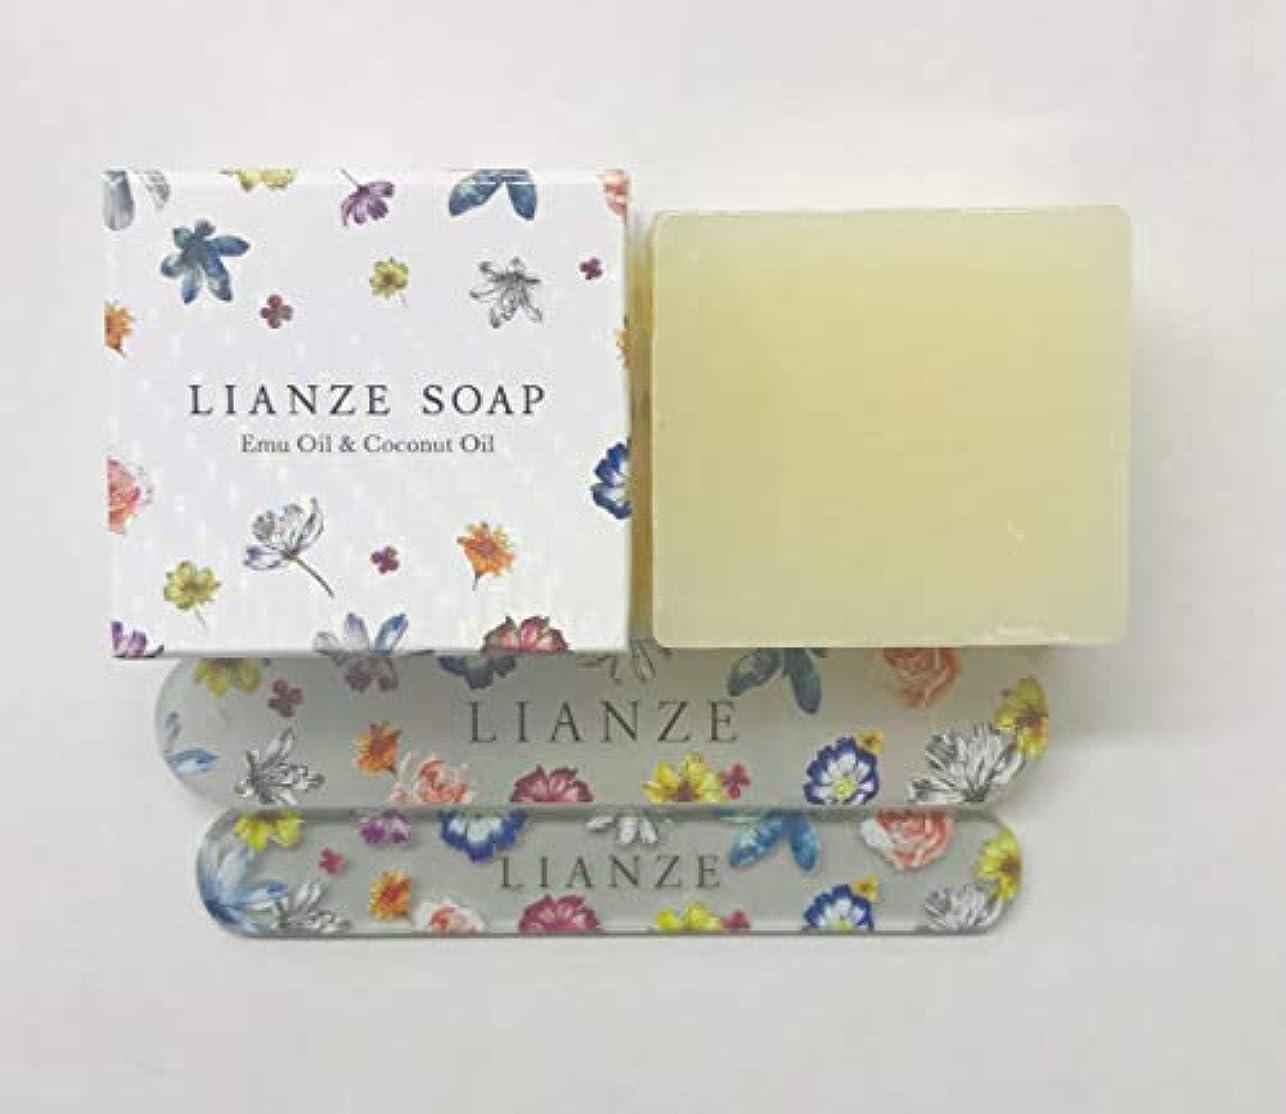 墓ナイトスポット悲惨ギフト プレゼント [ LIANZE ギフトセット ] 洗顔 石鹸 爪磨き